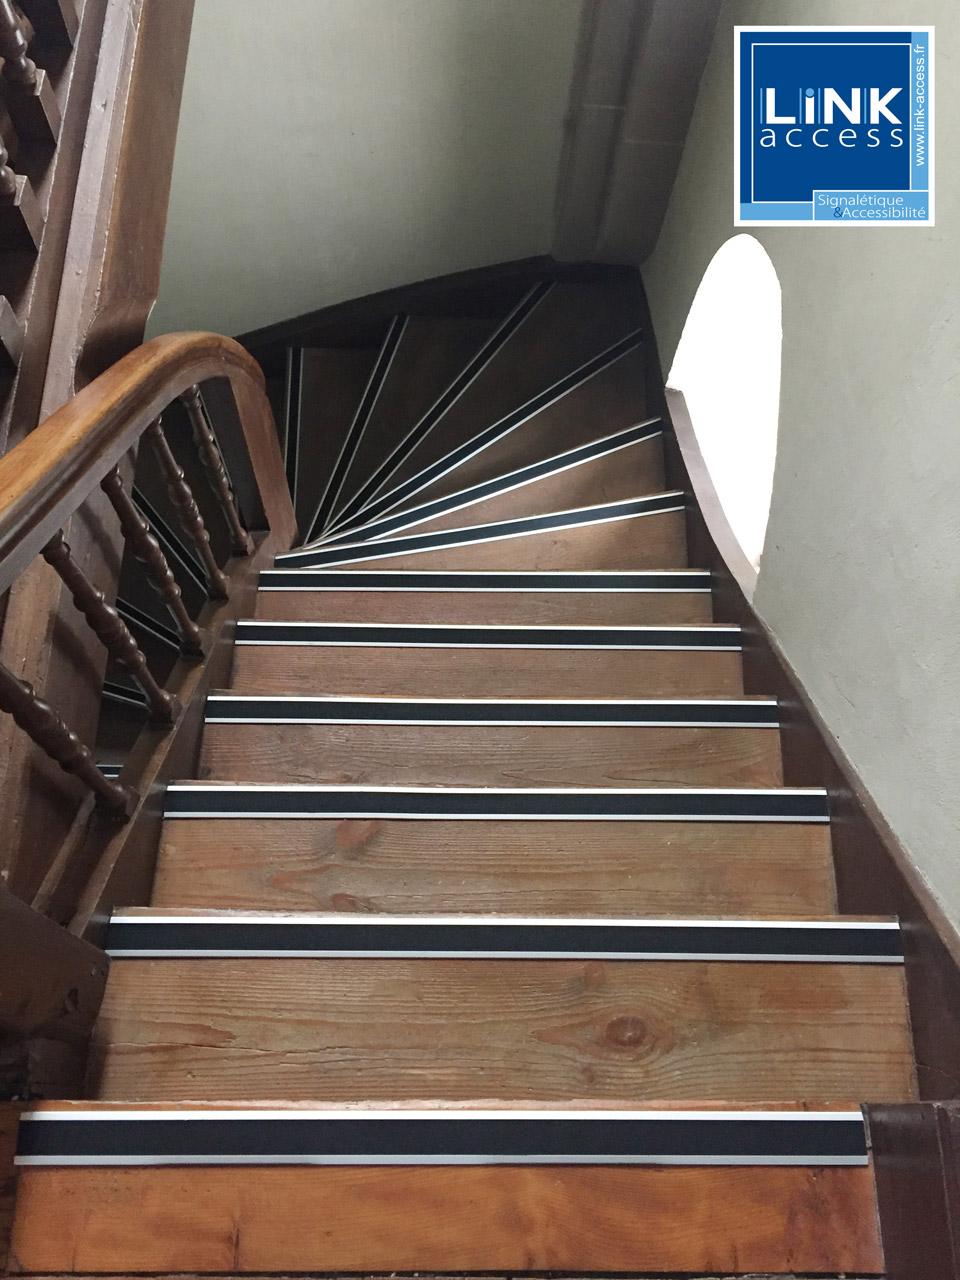 Nez de marche contrastés antidérapants noirs sur un escalier en bois par Link-Access.